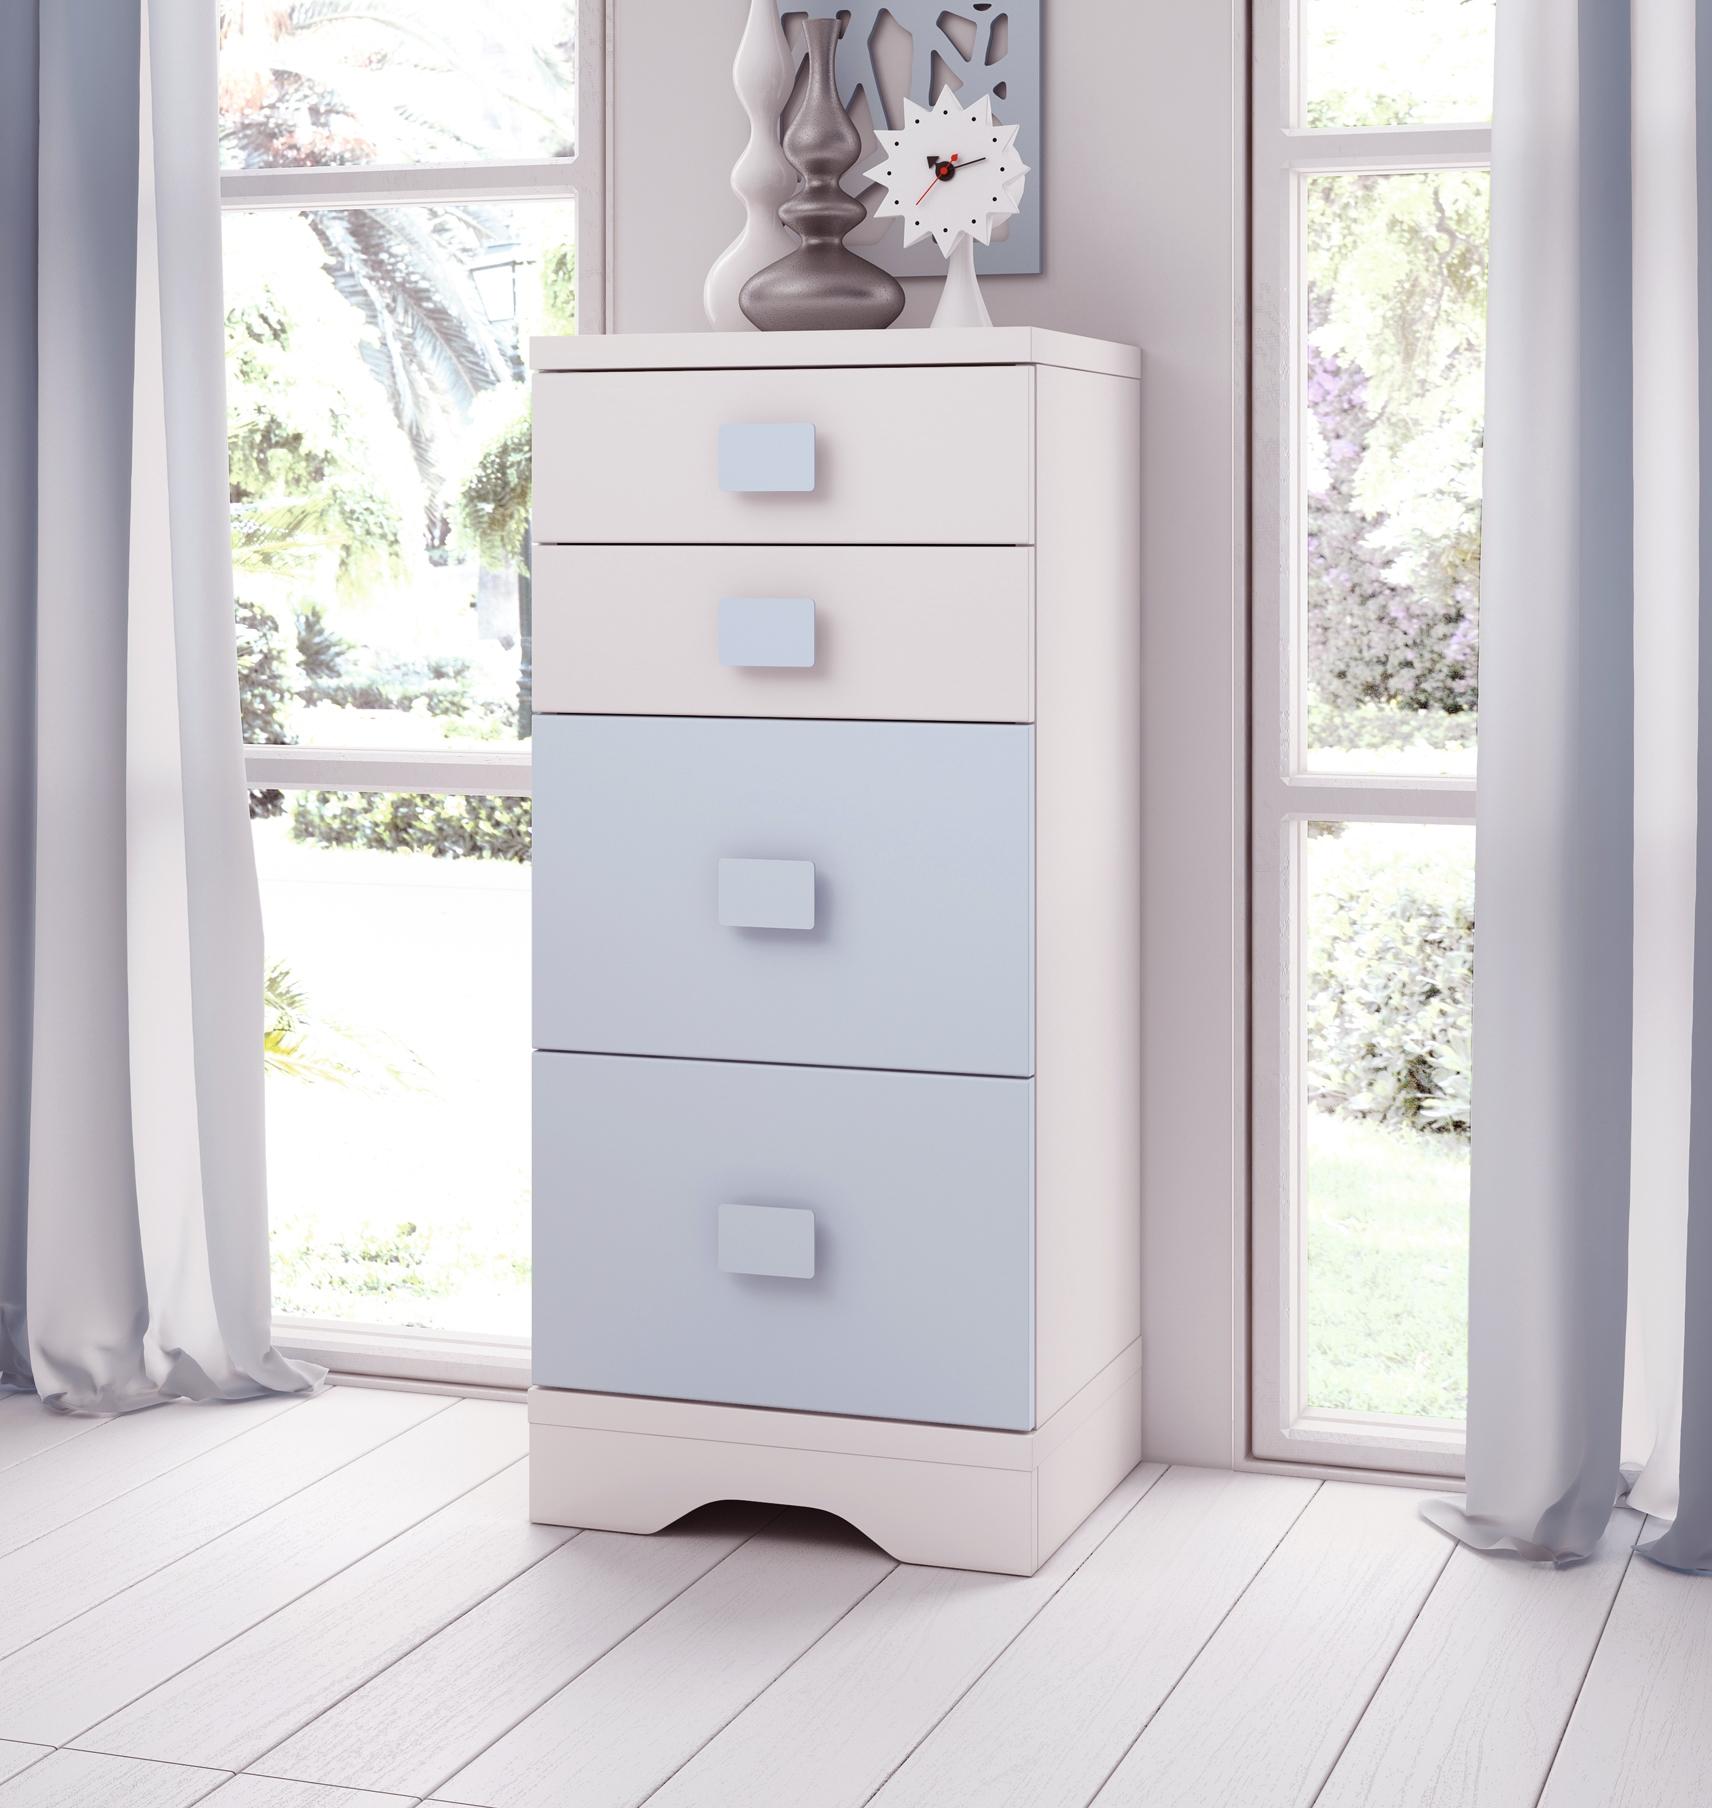 rideaux chambre bebe garcon maison design. Black Bedroom Furniture Sets. Home Design Ideas